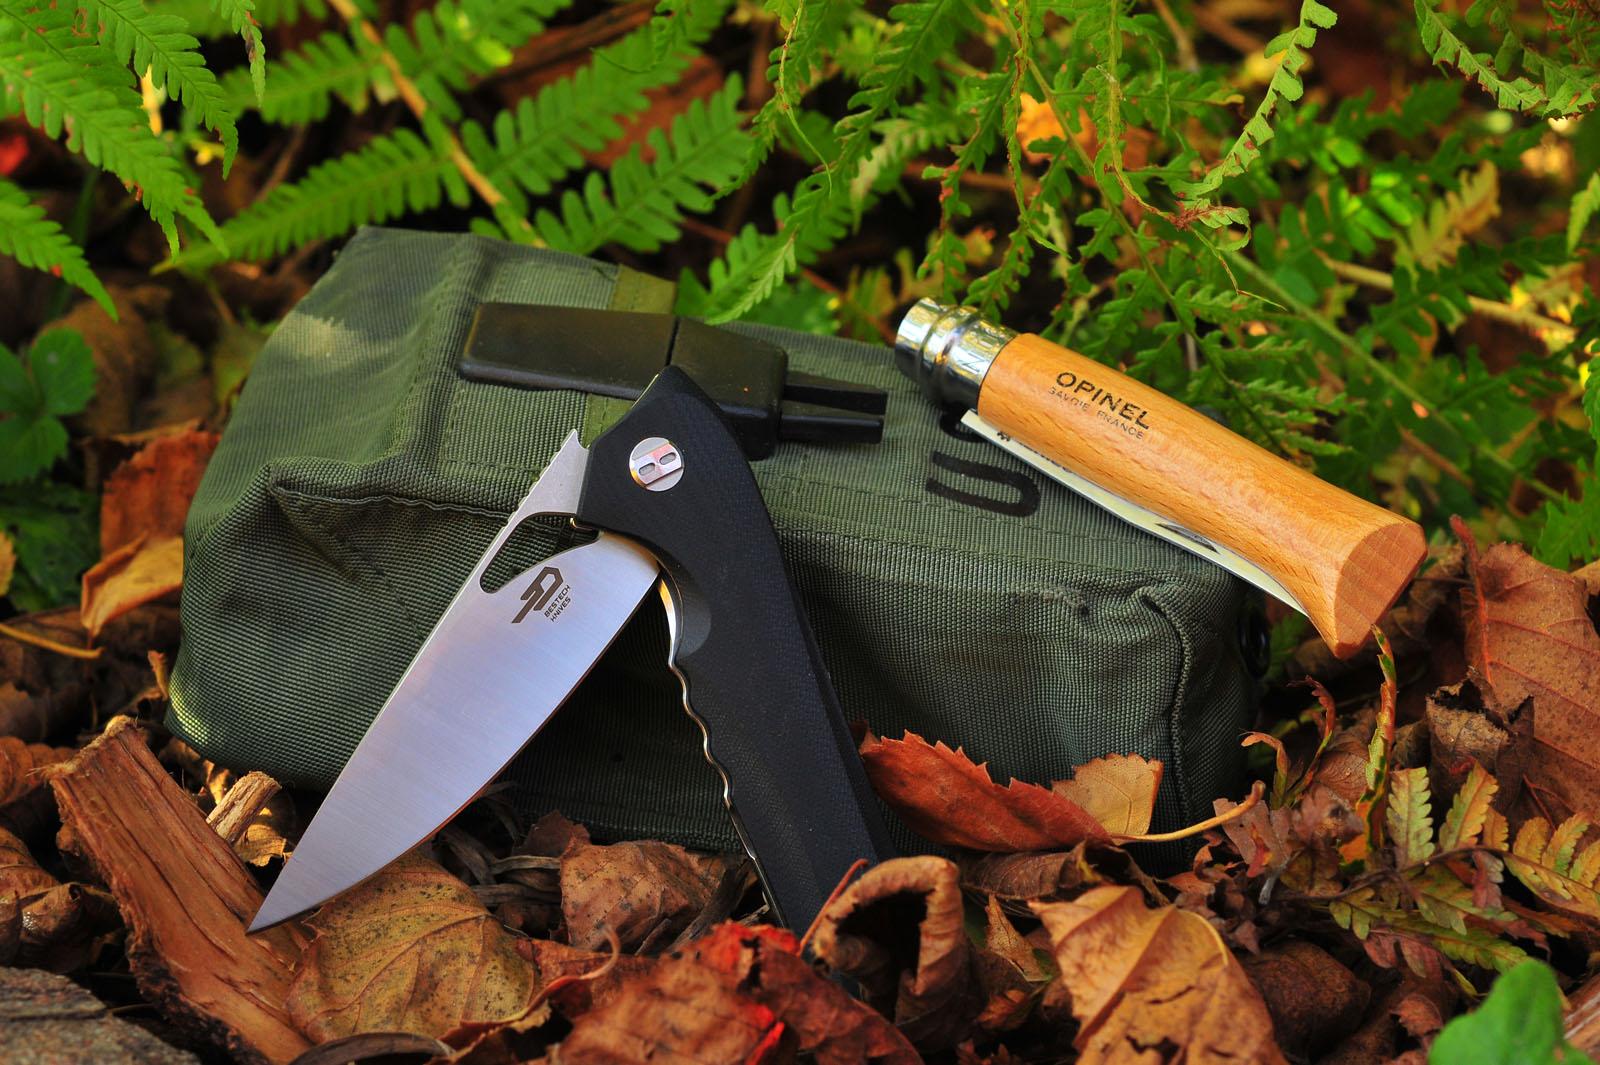 Prečo by ste mali pestovať kultúru vreckových nožov?